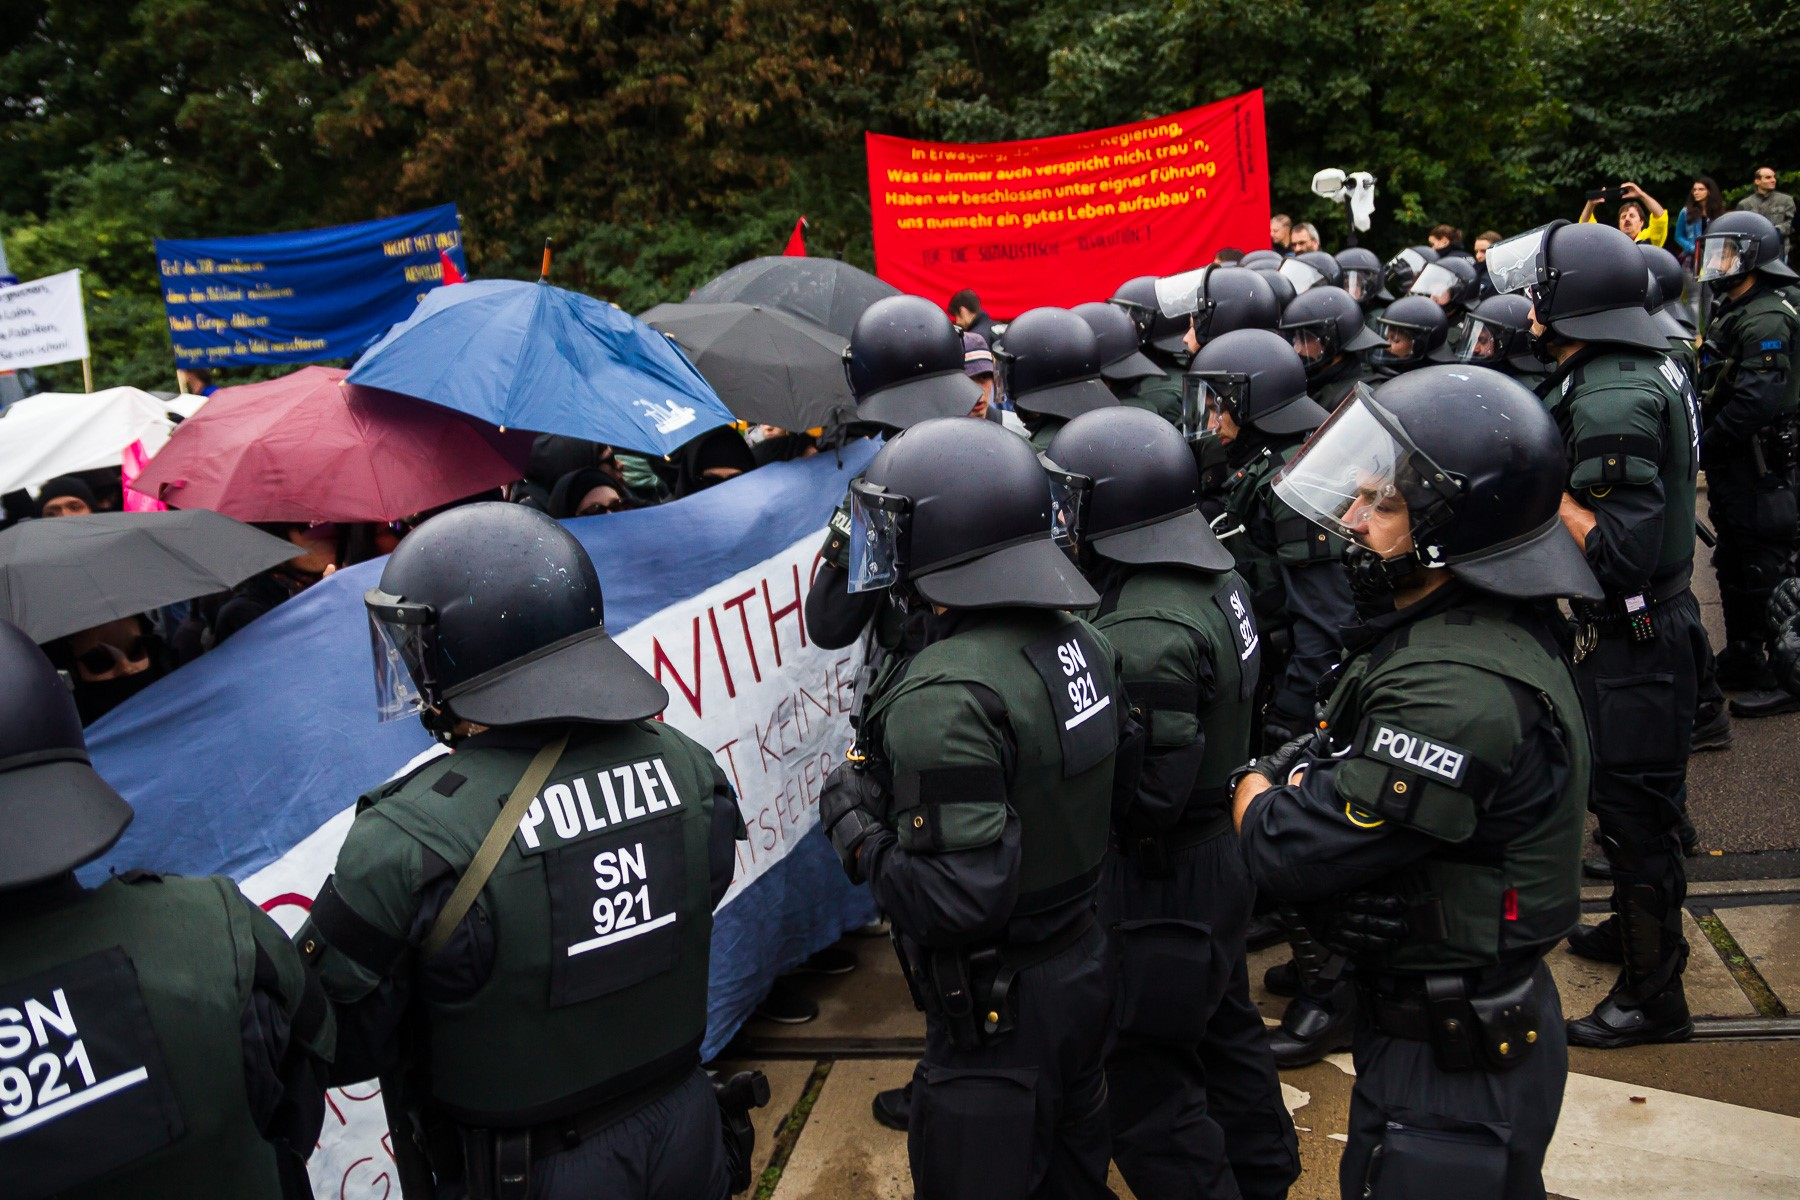 Die Solidarity without limits Demo gegen die Einheitsfeier